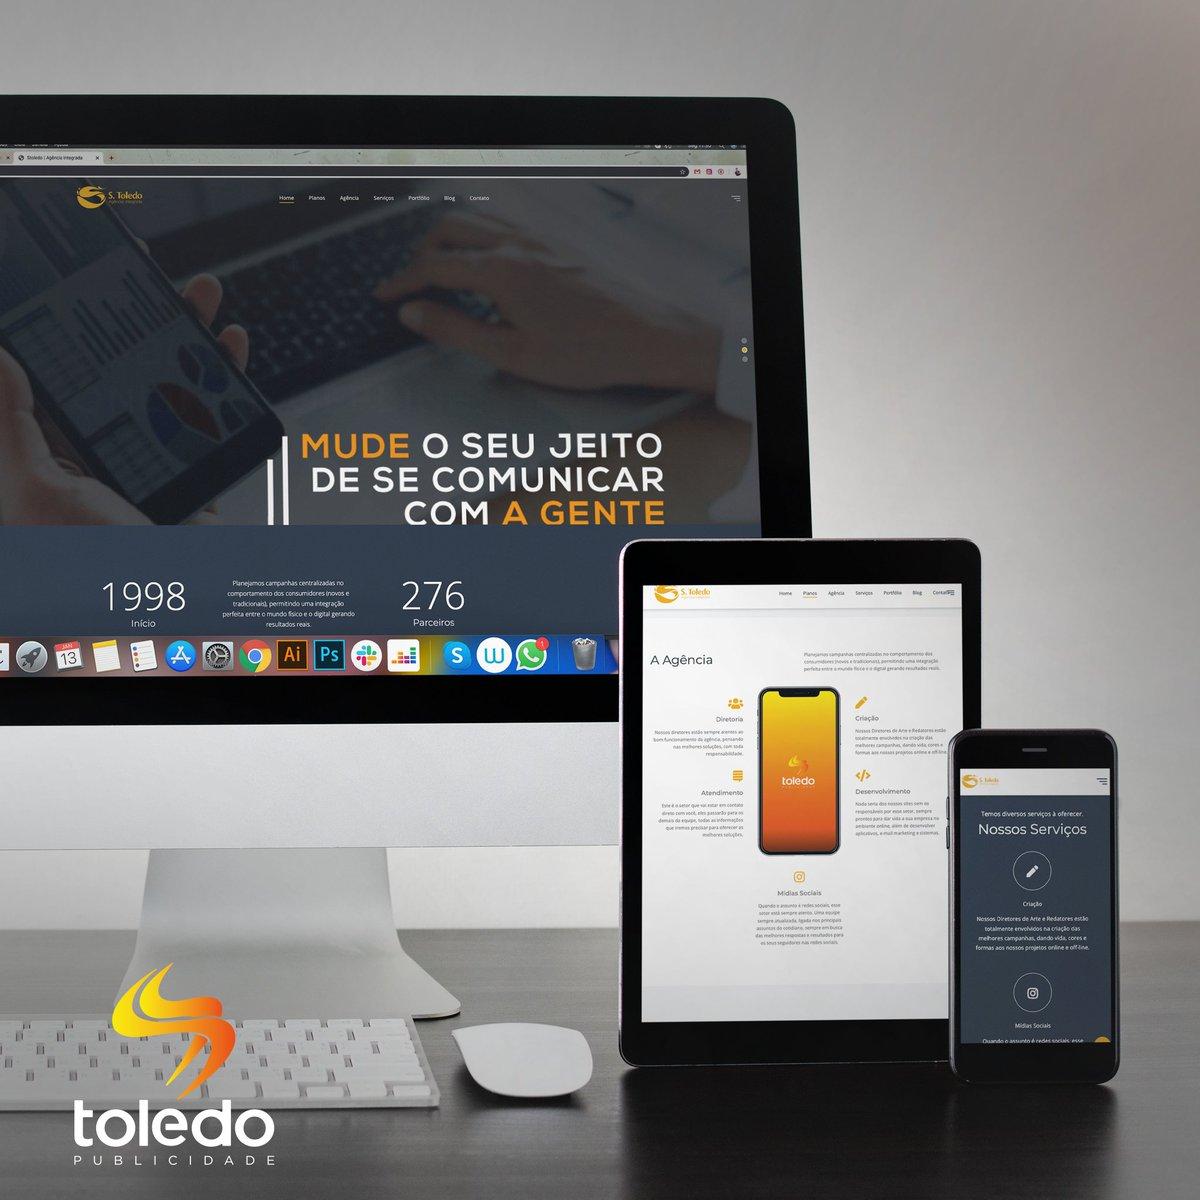 Conheça o nosso novo site e fique por dentro das nossas novidades.😉 📍Acesse: https://t.co/PBydR8MJPr . . #SSToledo #2020 #Publicidade #CampinaGrande #PB #Agencia #Site https://t.co/YB3XjGWFjt